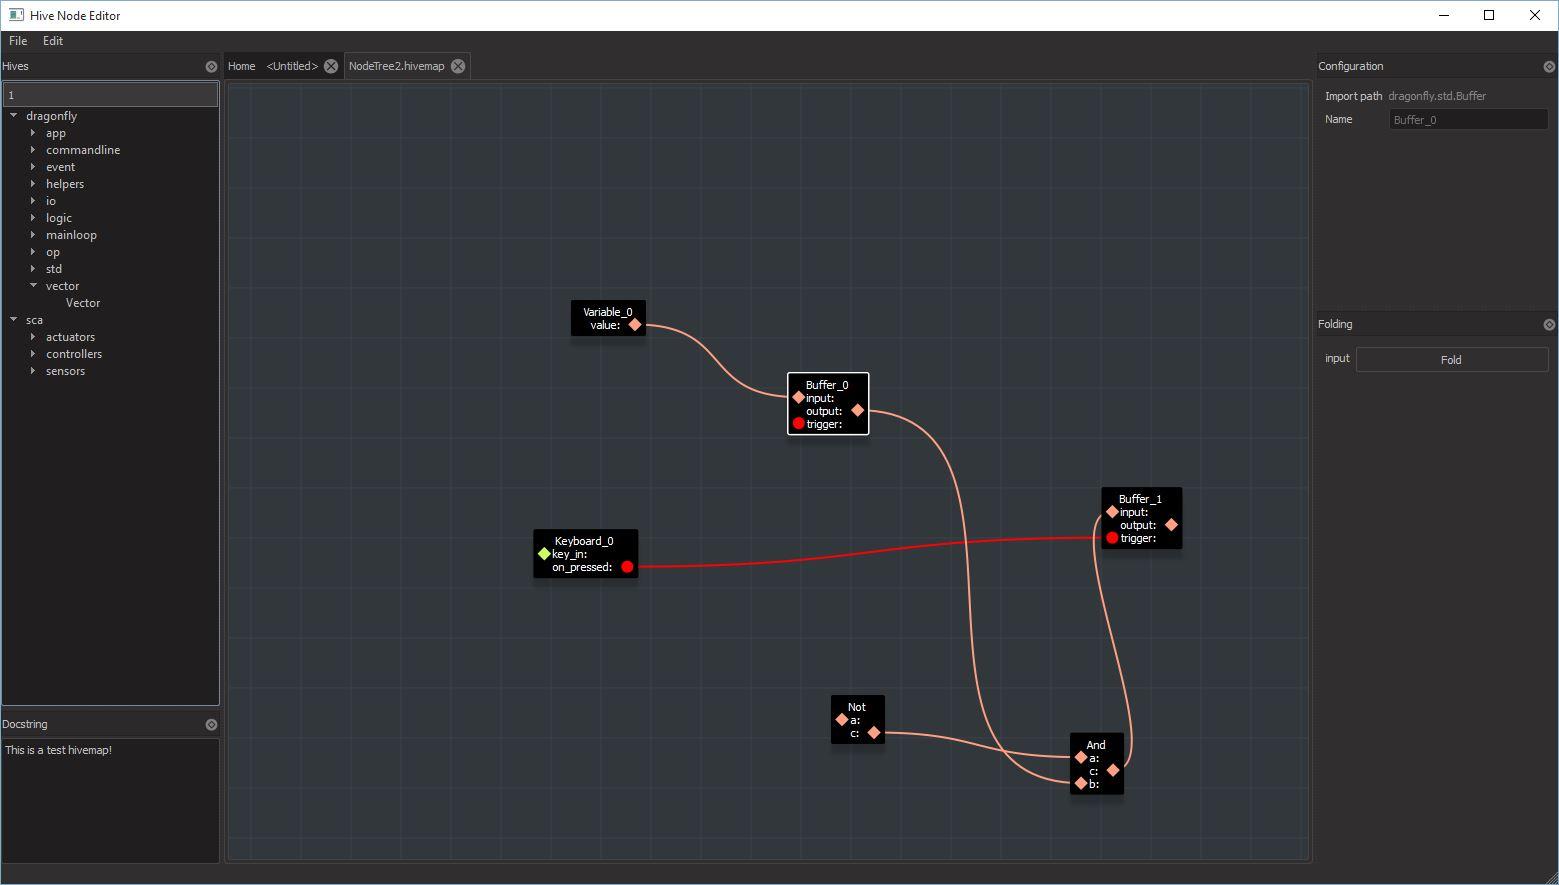 GitHub - sjdv1982/hive2: Hive system prototype